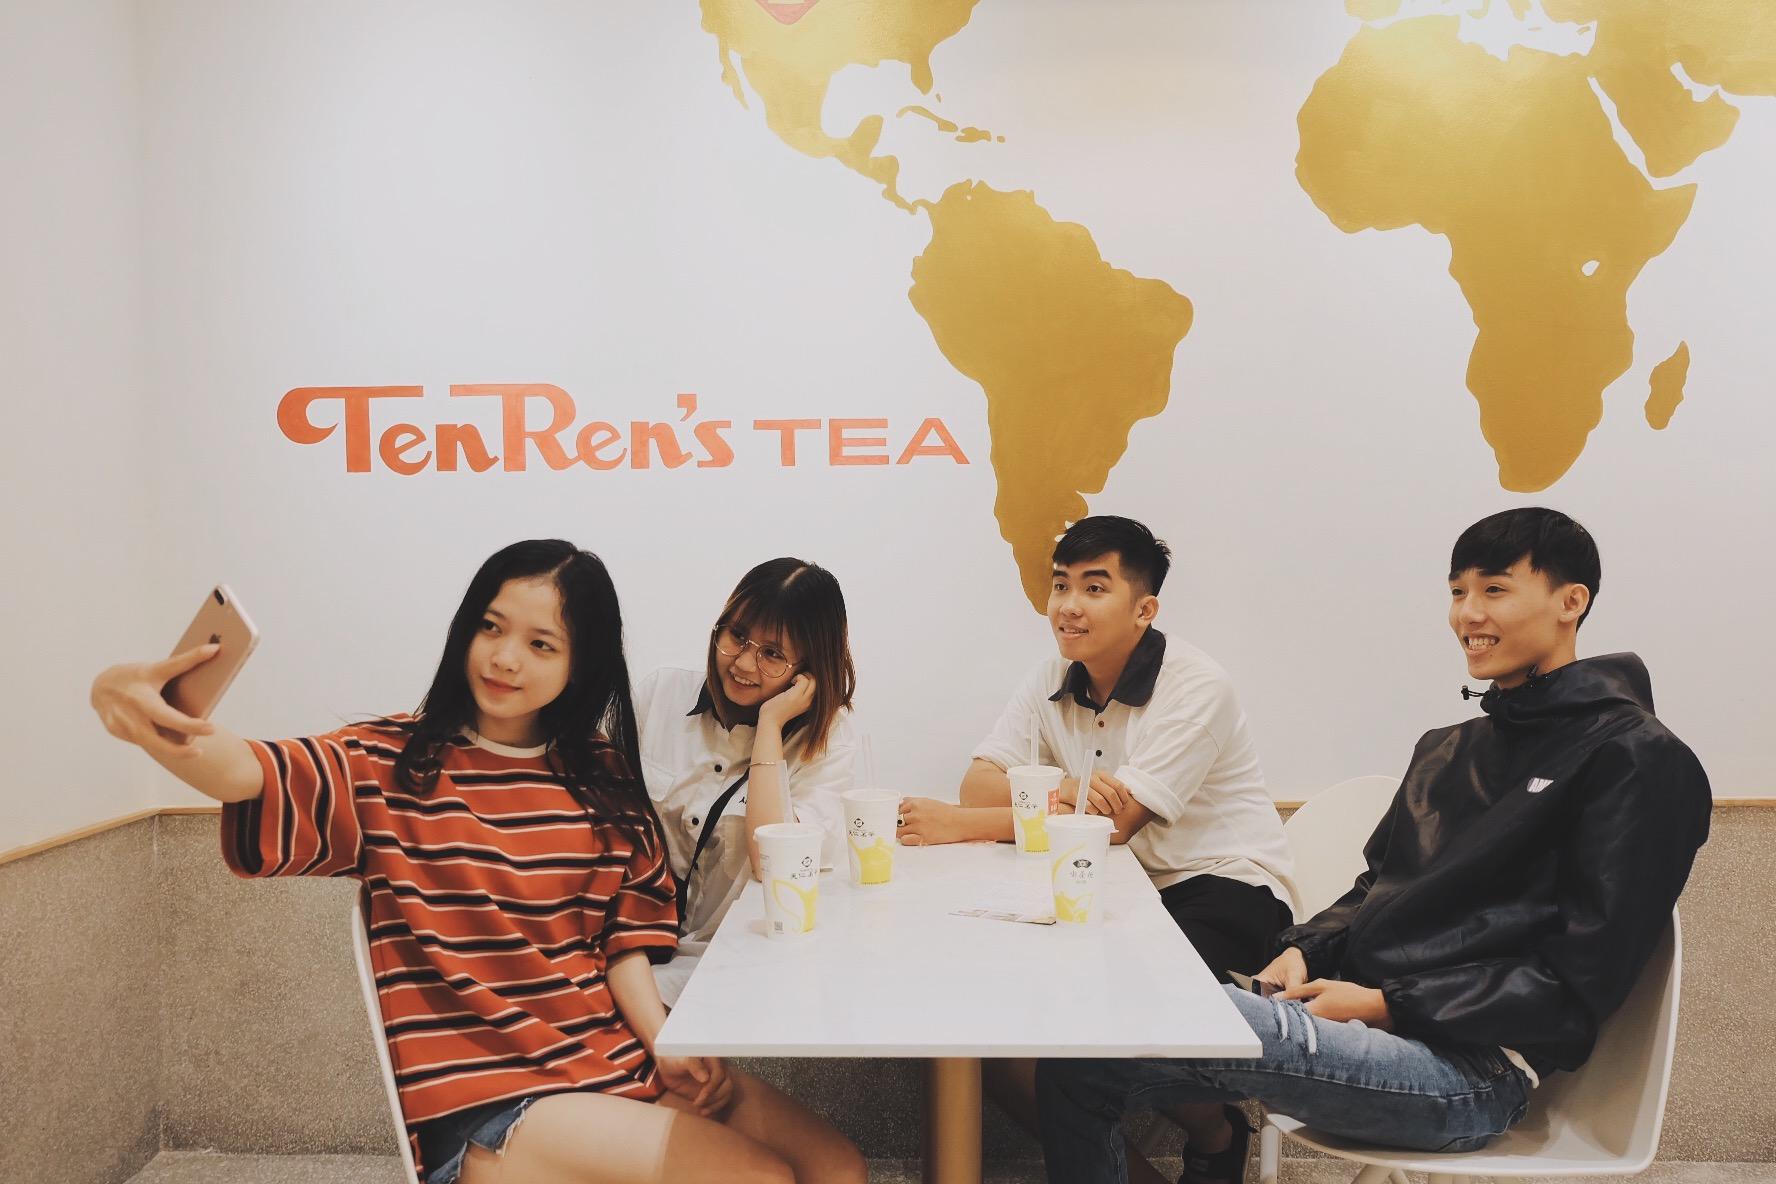 Bất chấp trời mưa, giới trẻ vẫn rồng rắn xếp hàng để mua trà sữa - Ảnh 5.